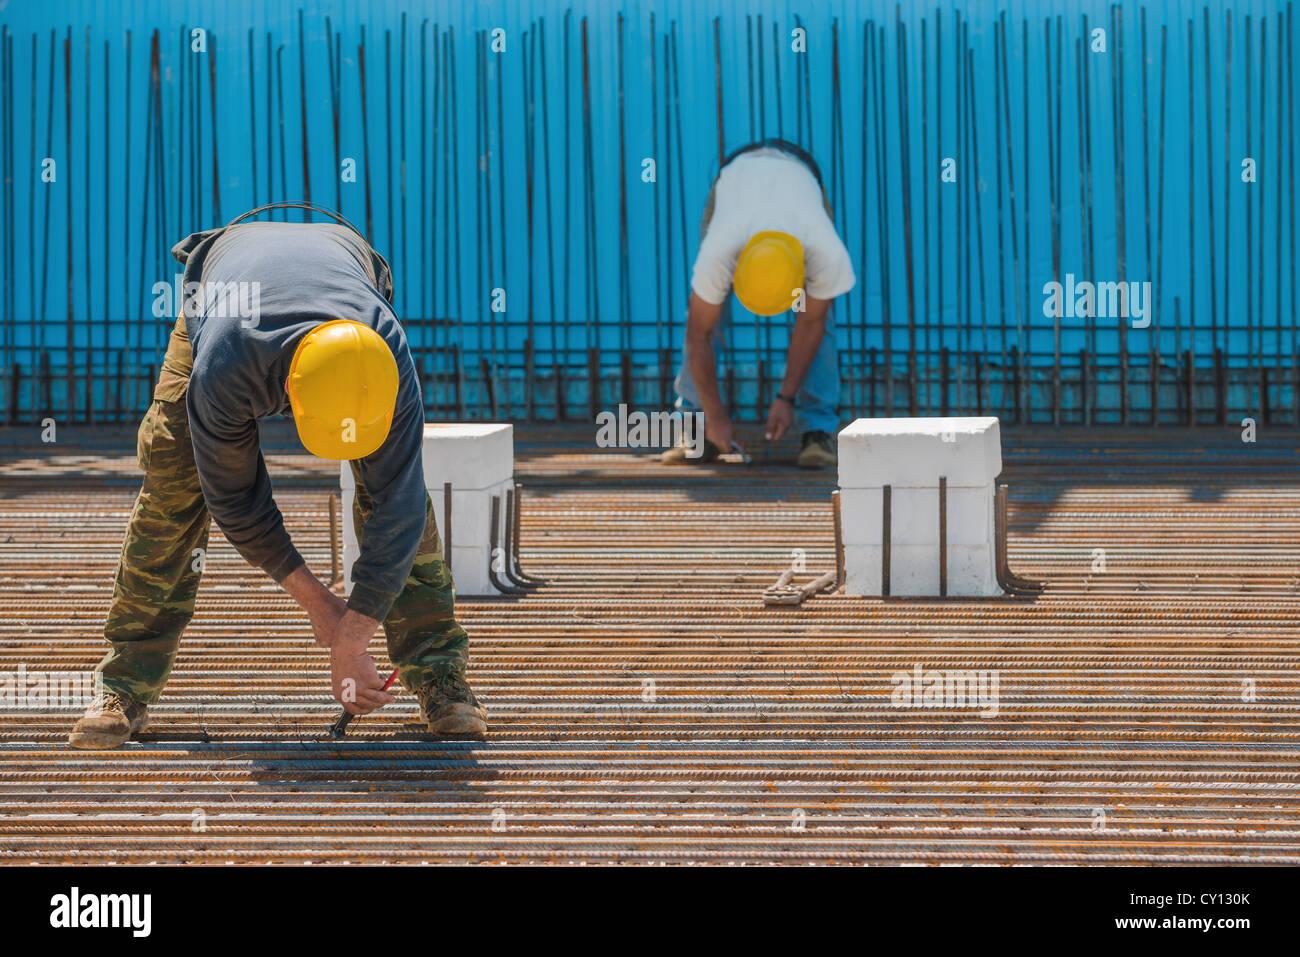 Lavoratori edili installazione di fili di legatura di barre in acciaio Immagini Stock